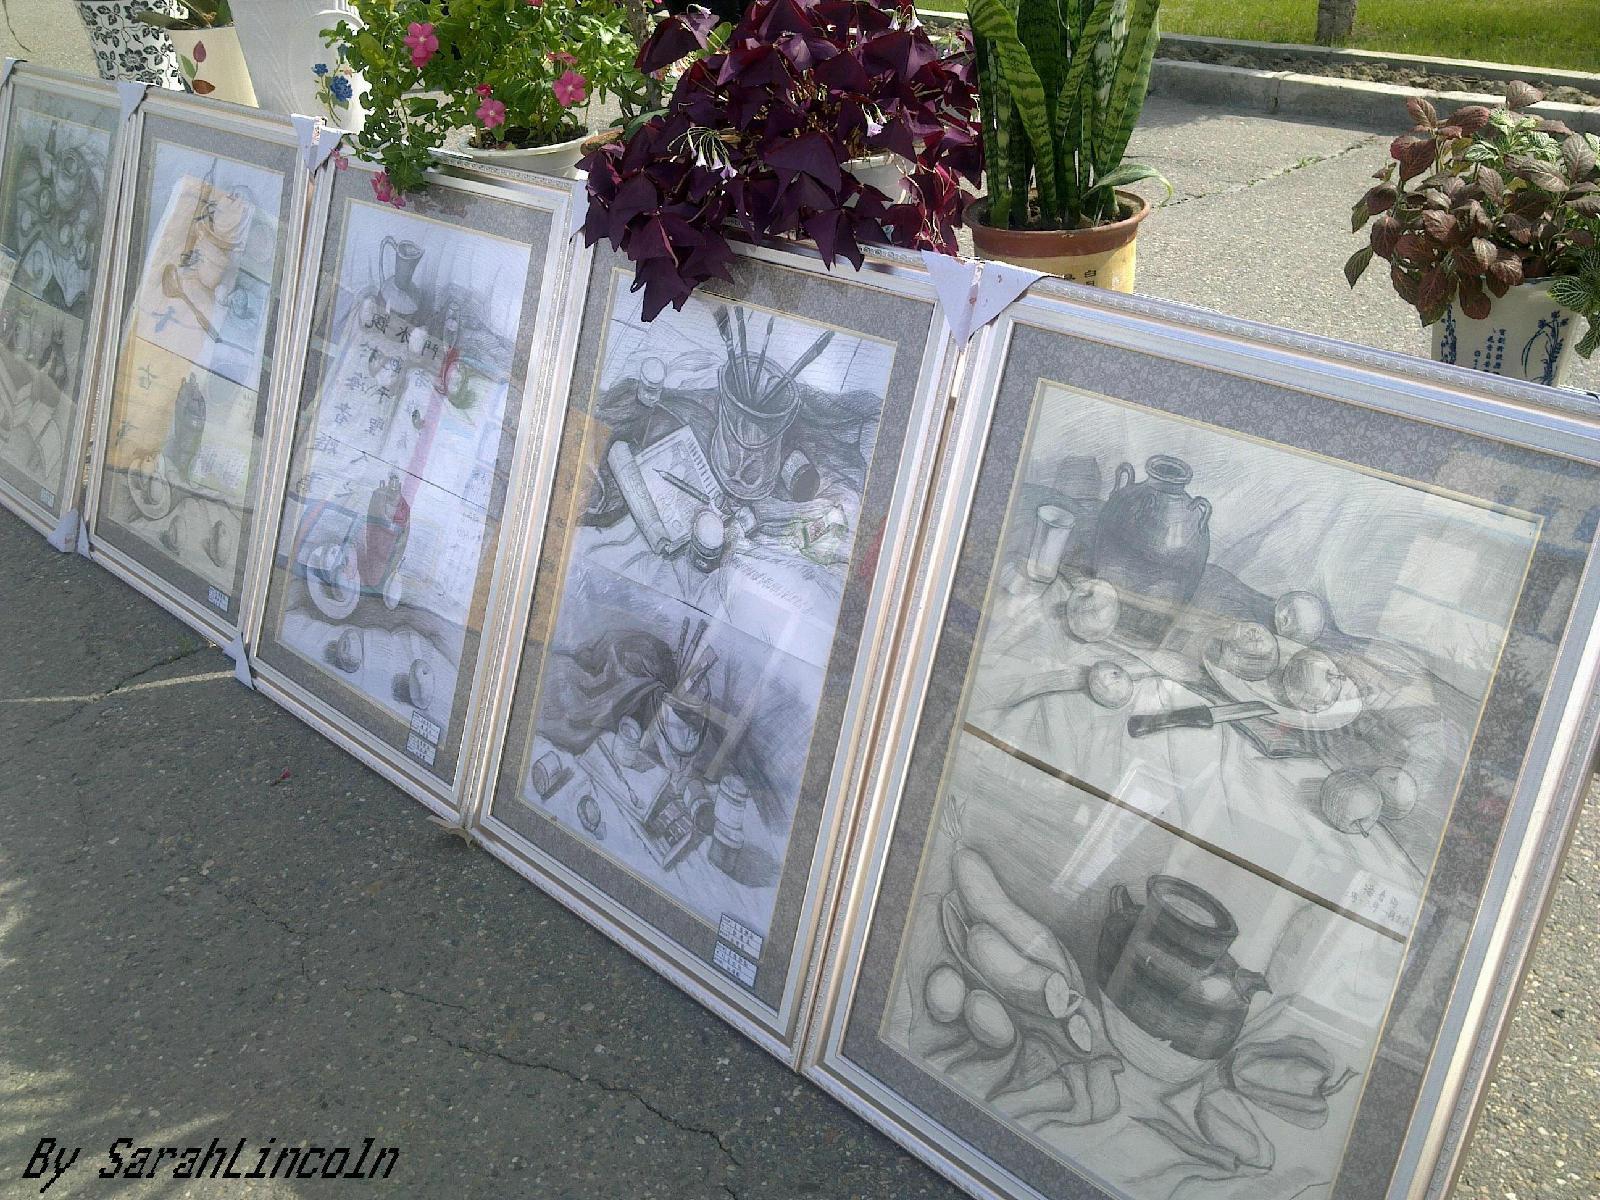 这是素描-异想世界 庆 五 四 花卉书画展小记 二